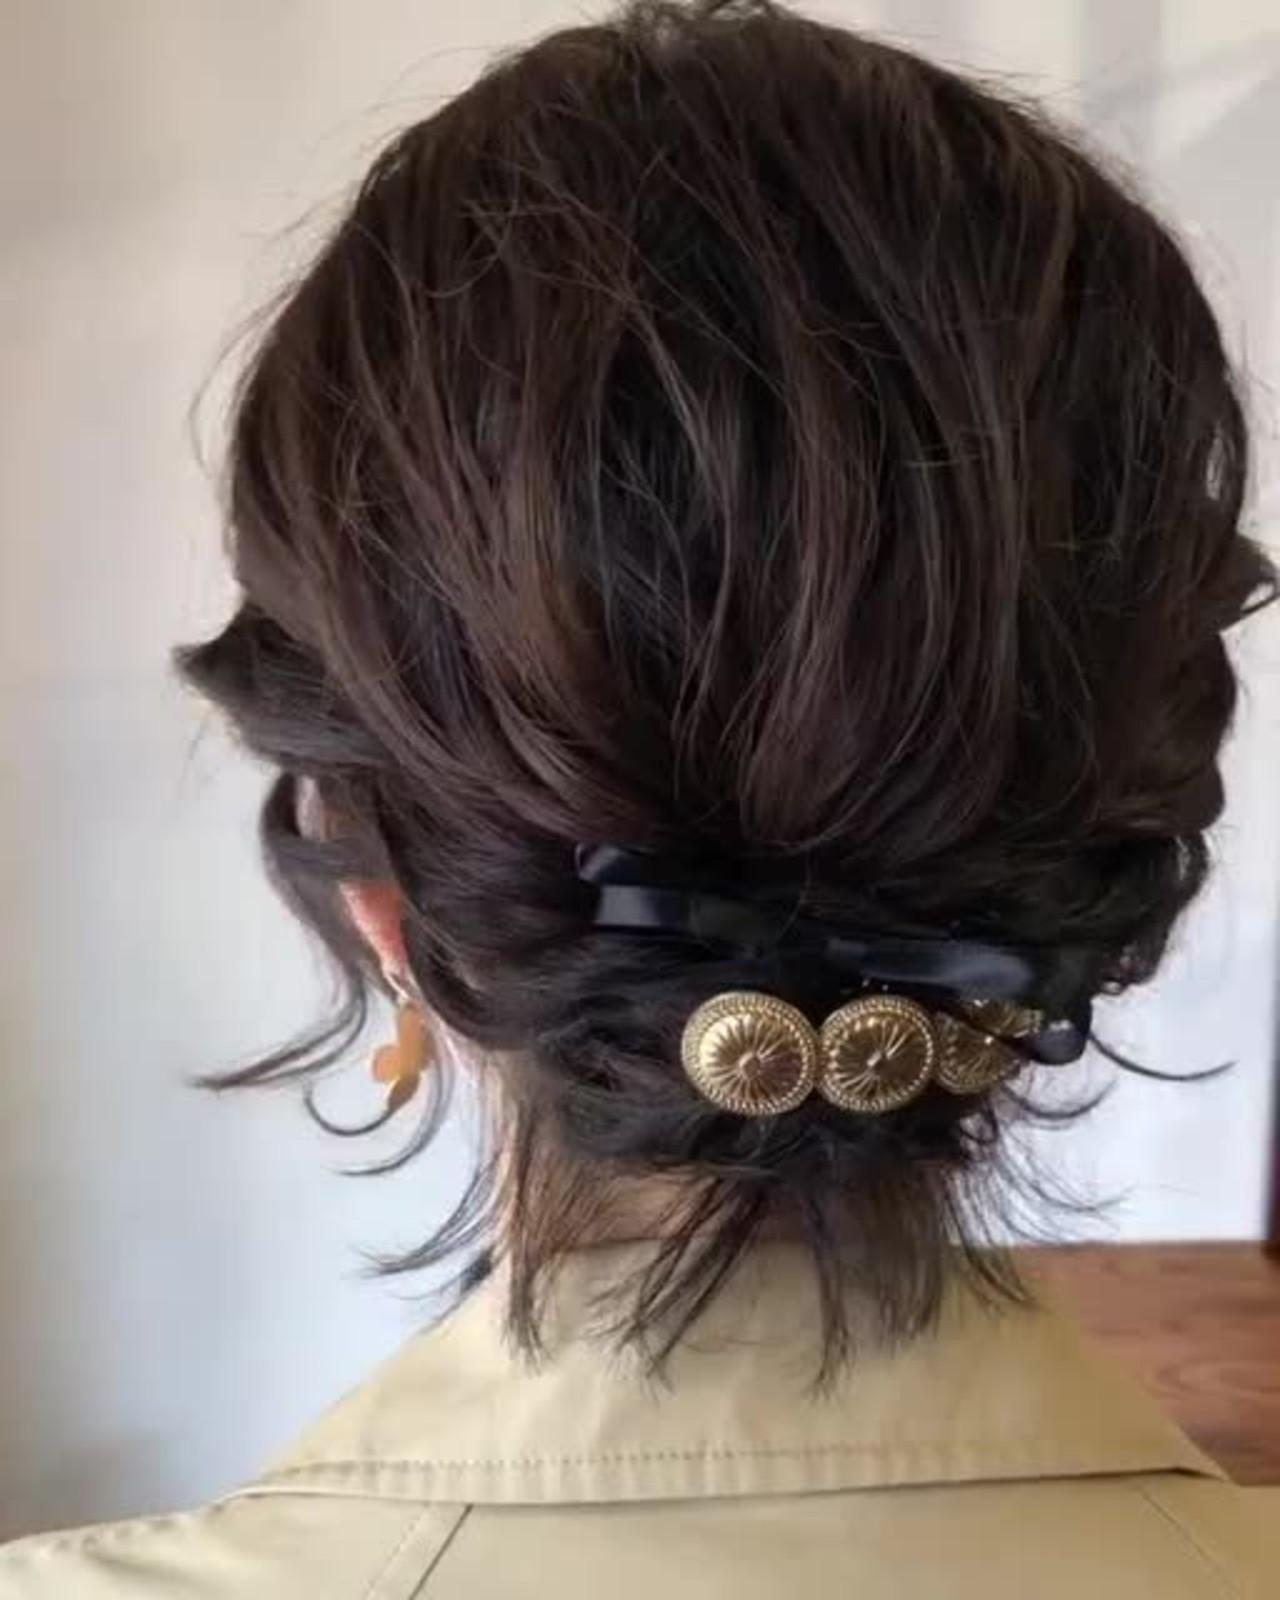 ボブ 結婚式 成人式 パーティ ヘアスタイルや髪型の写真・画像